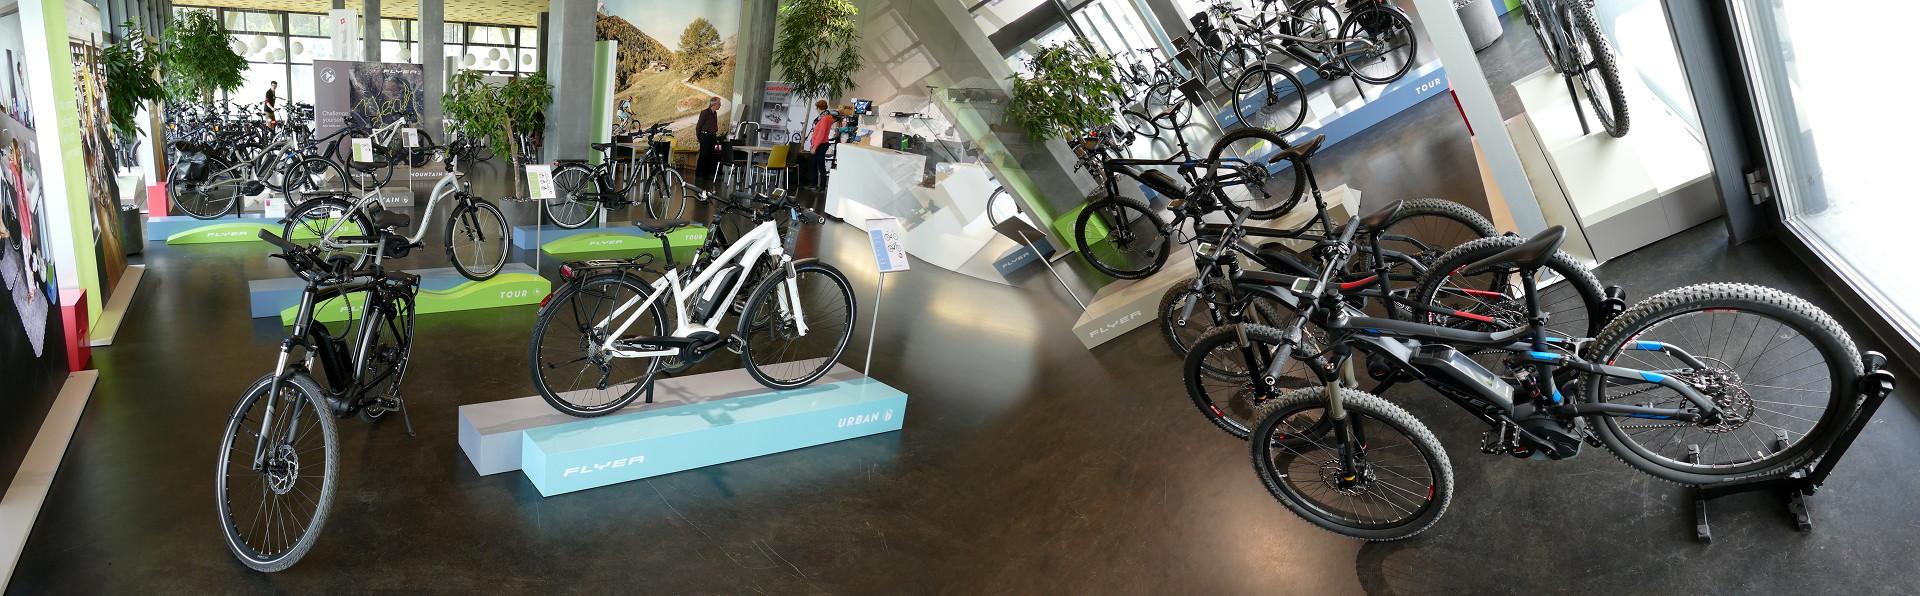 Flyer Werk Auststellungshalle voller Pedelecs und E-Bikes